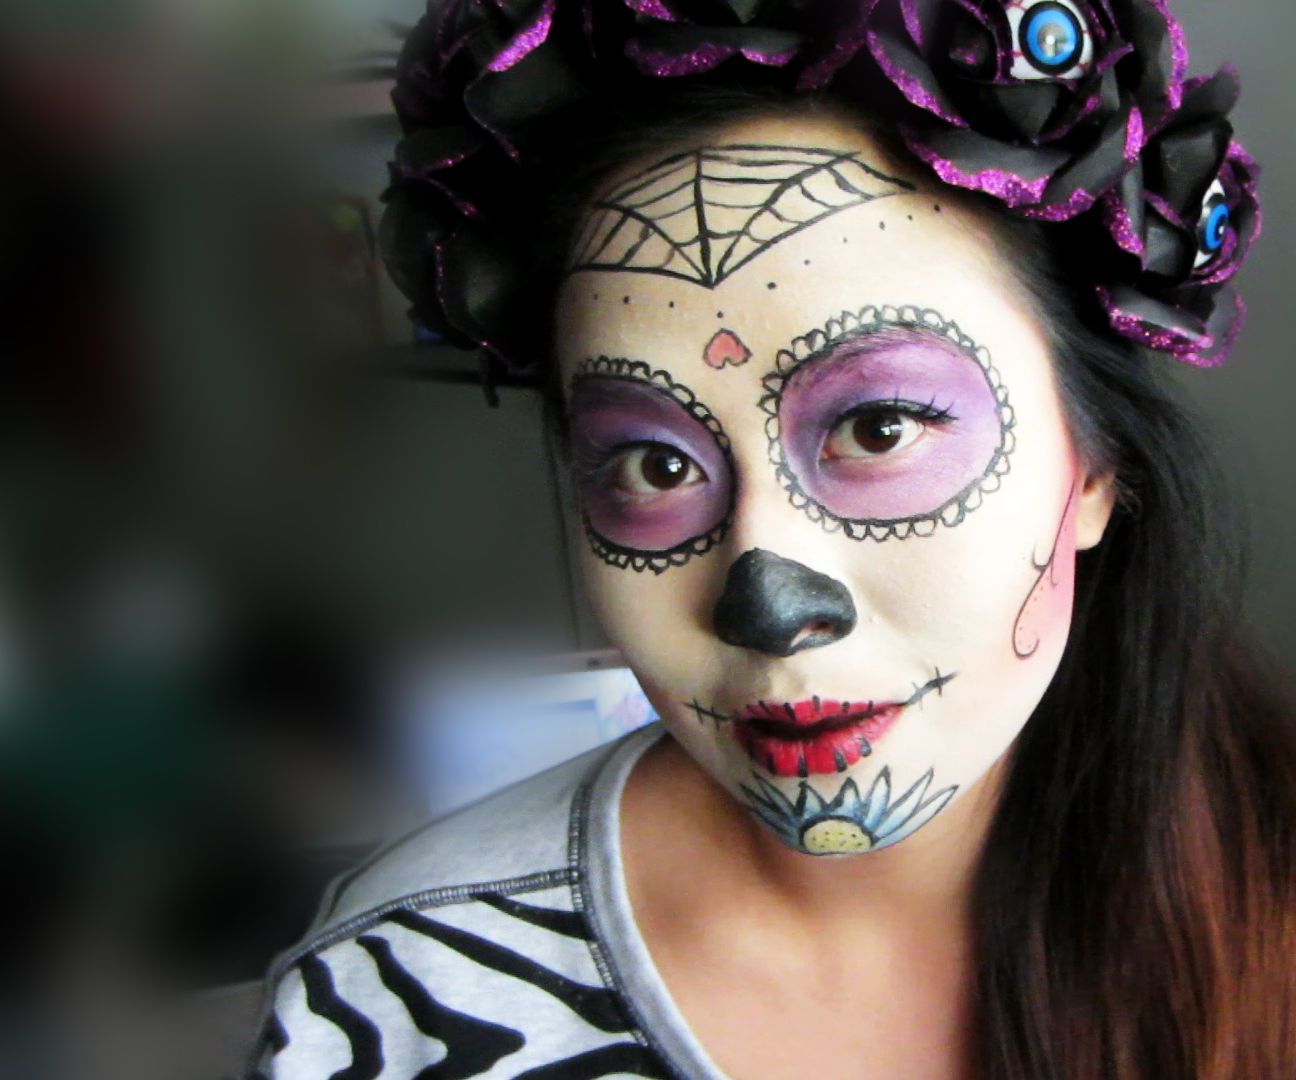 Sugar Skull Headband and Makeup